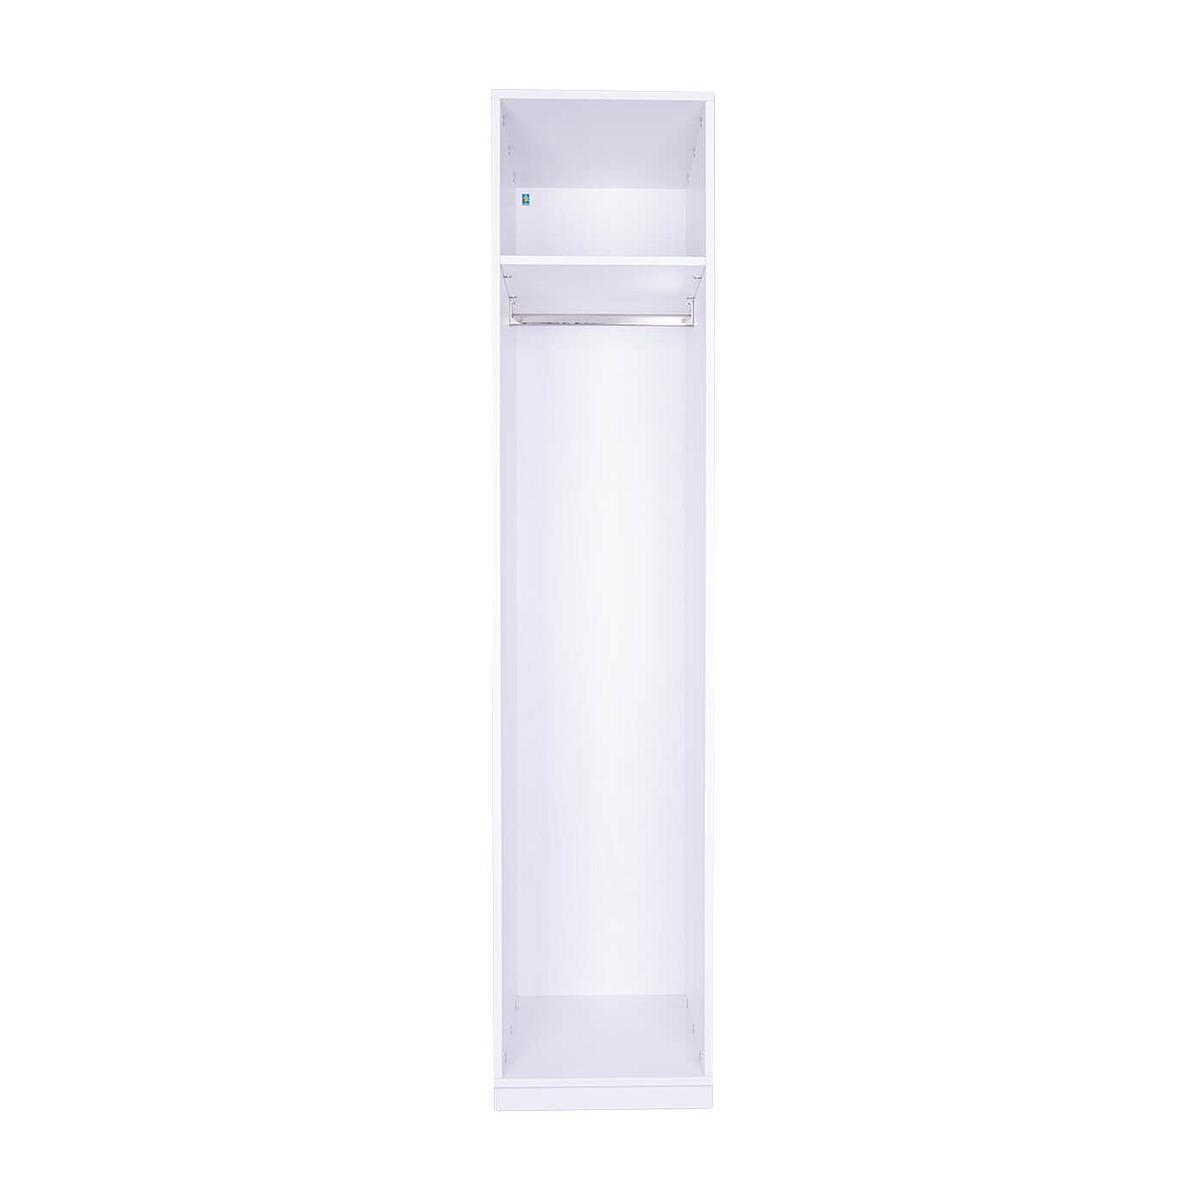 Kleiderschrank 1-türig hoch 219x48x60cm ohne Türen DESTYLE Debreuyn Buchenfurnierte Spanplatte weiß gebeizt-lackiert